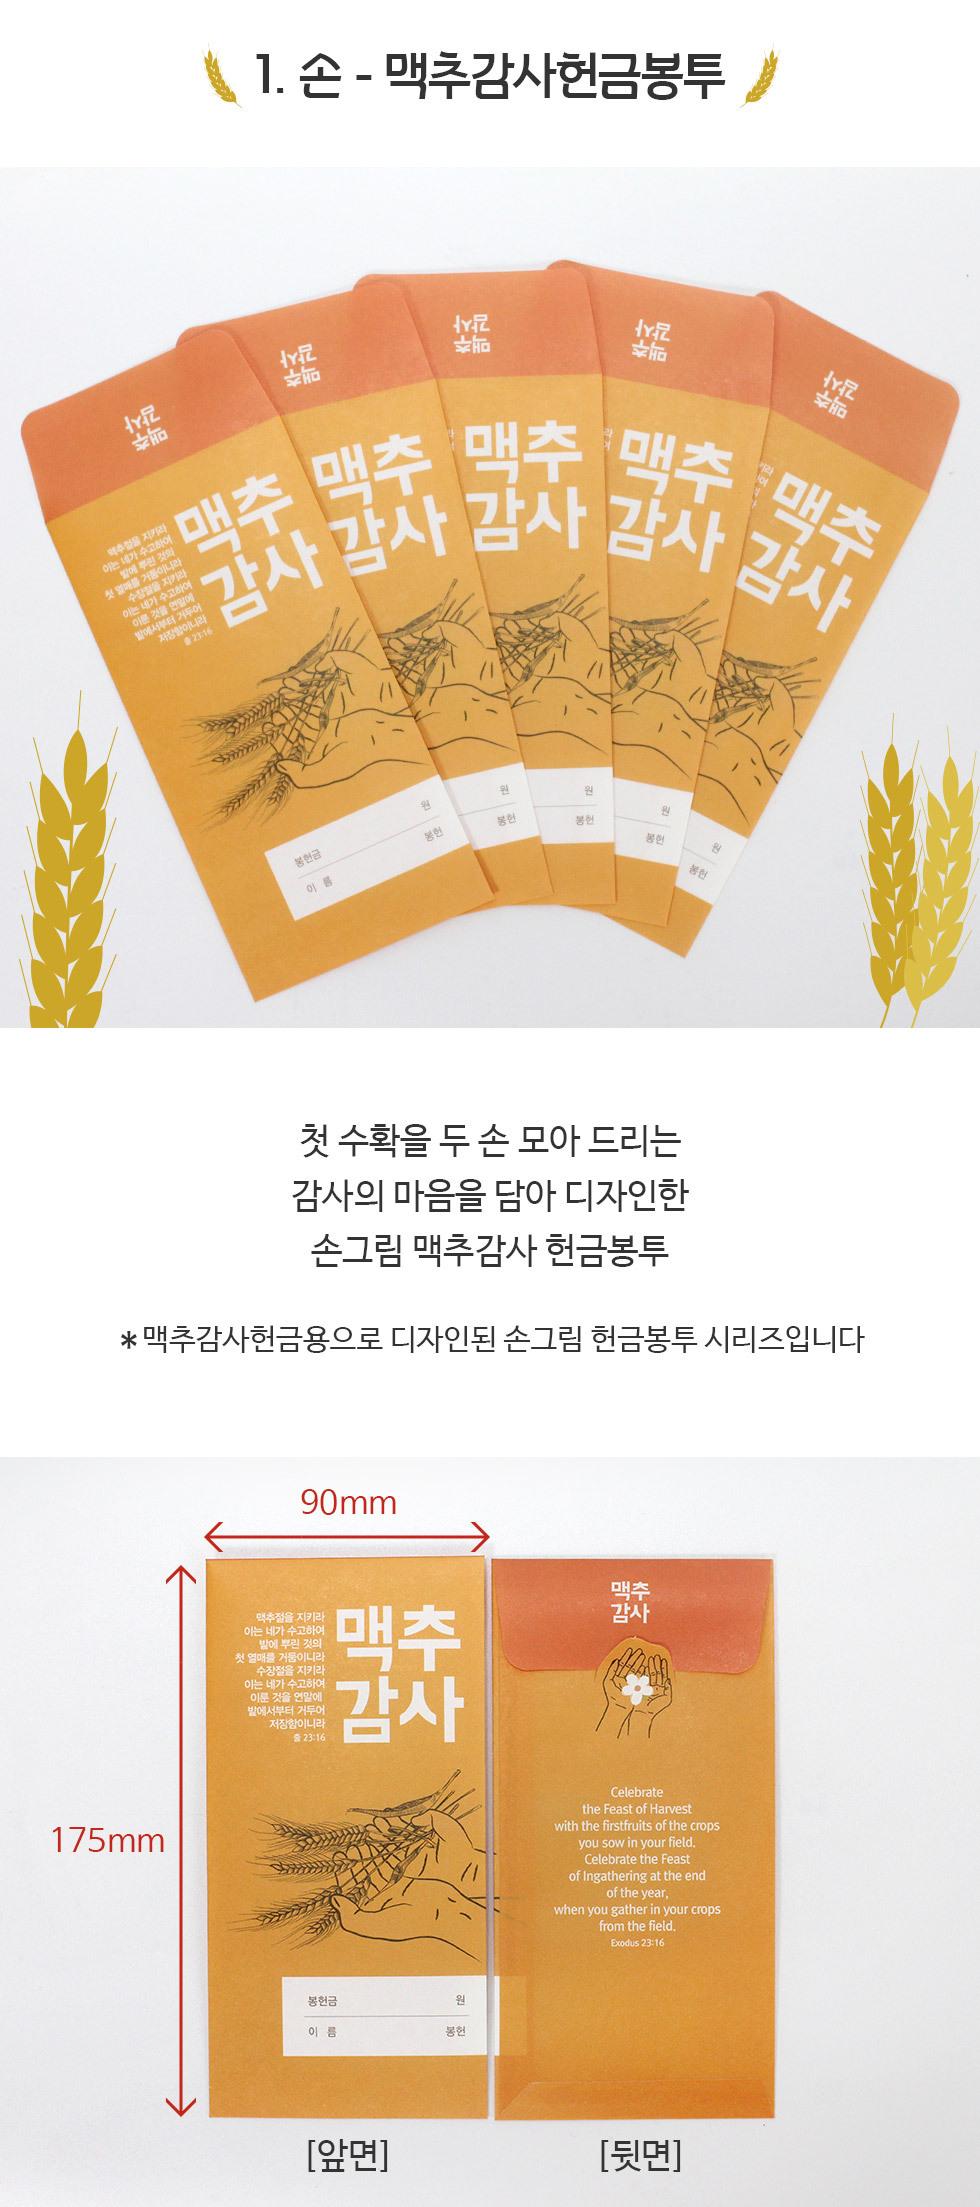 헌금봉투 맥추감사헌금 손 디자인, 사이즈